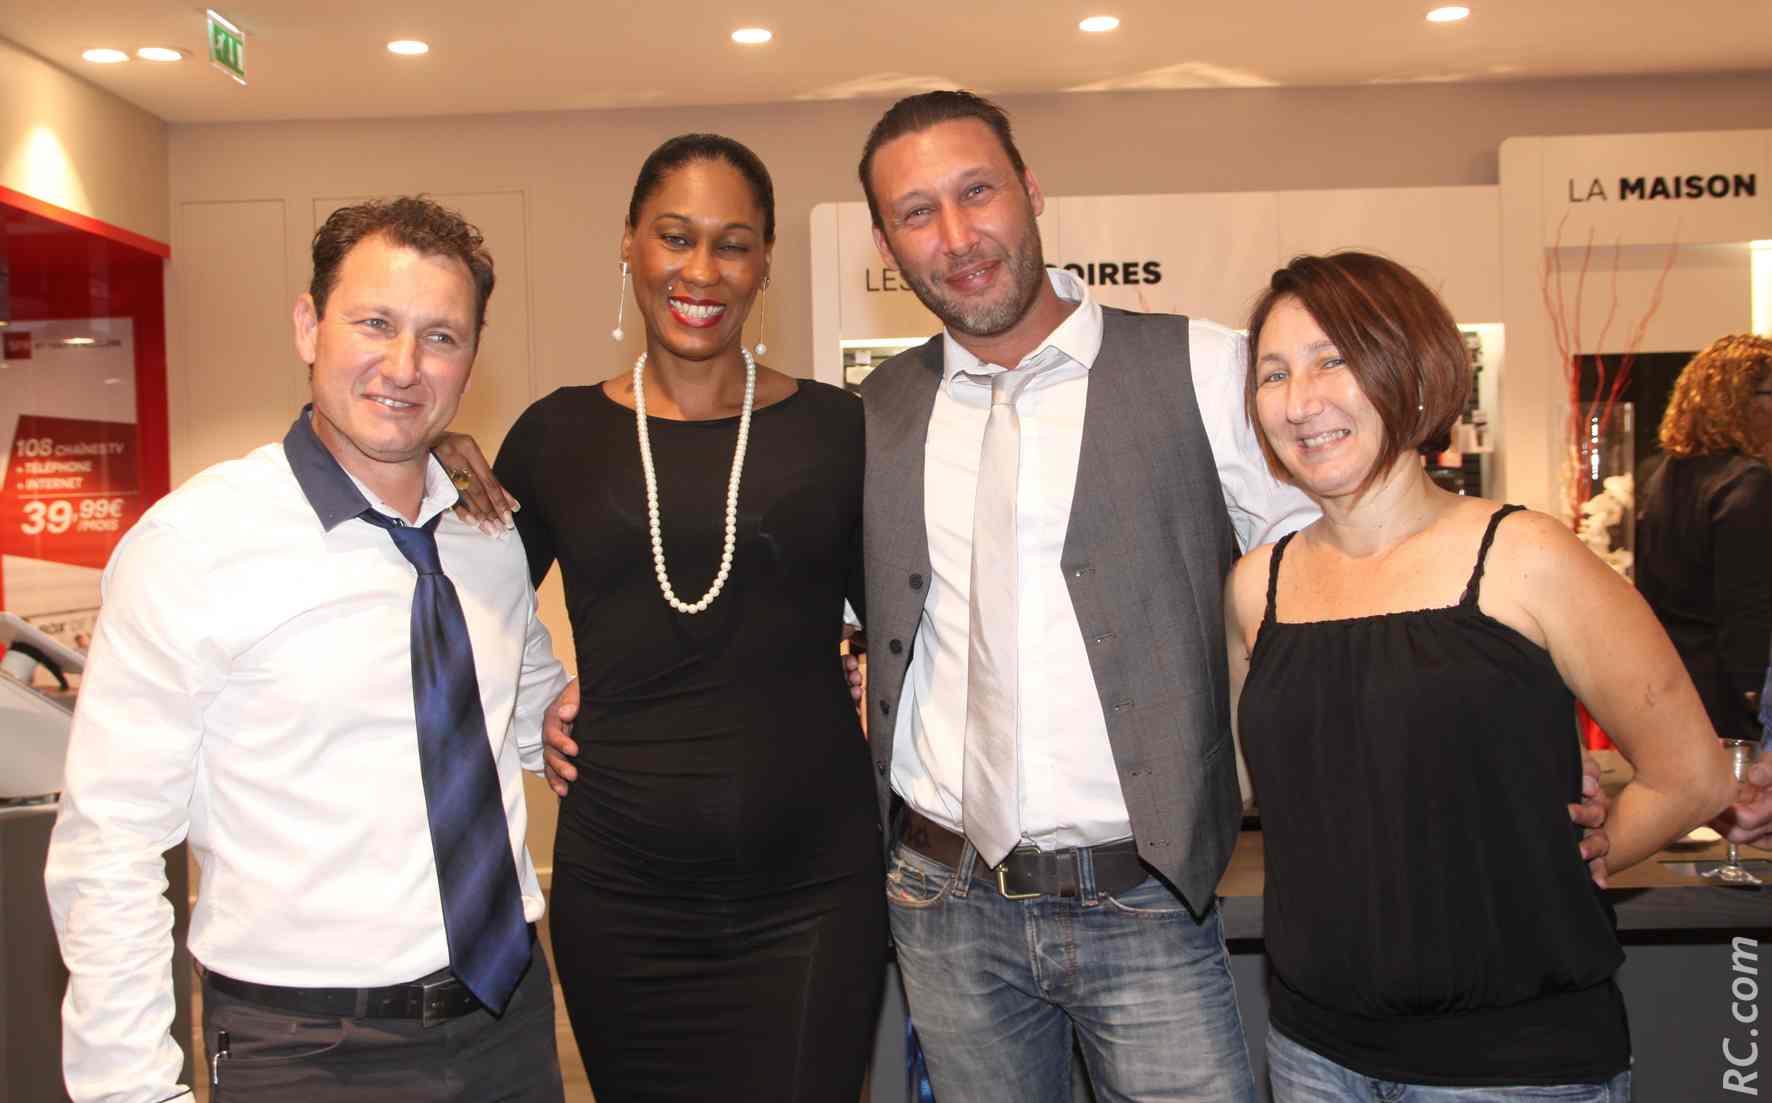 Fabrice Hoarau, commercial à la Cilam,  Aïdy Pfuetzenreuter, Nicolas Ouahnich de Home Deco Design, et Pascale Hoarau